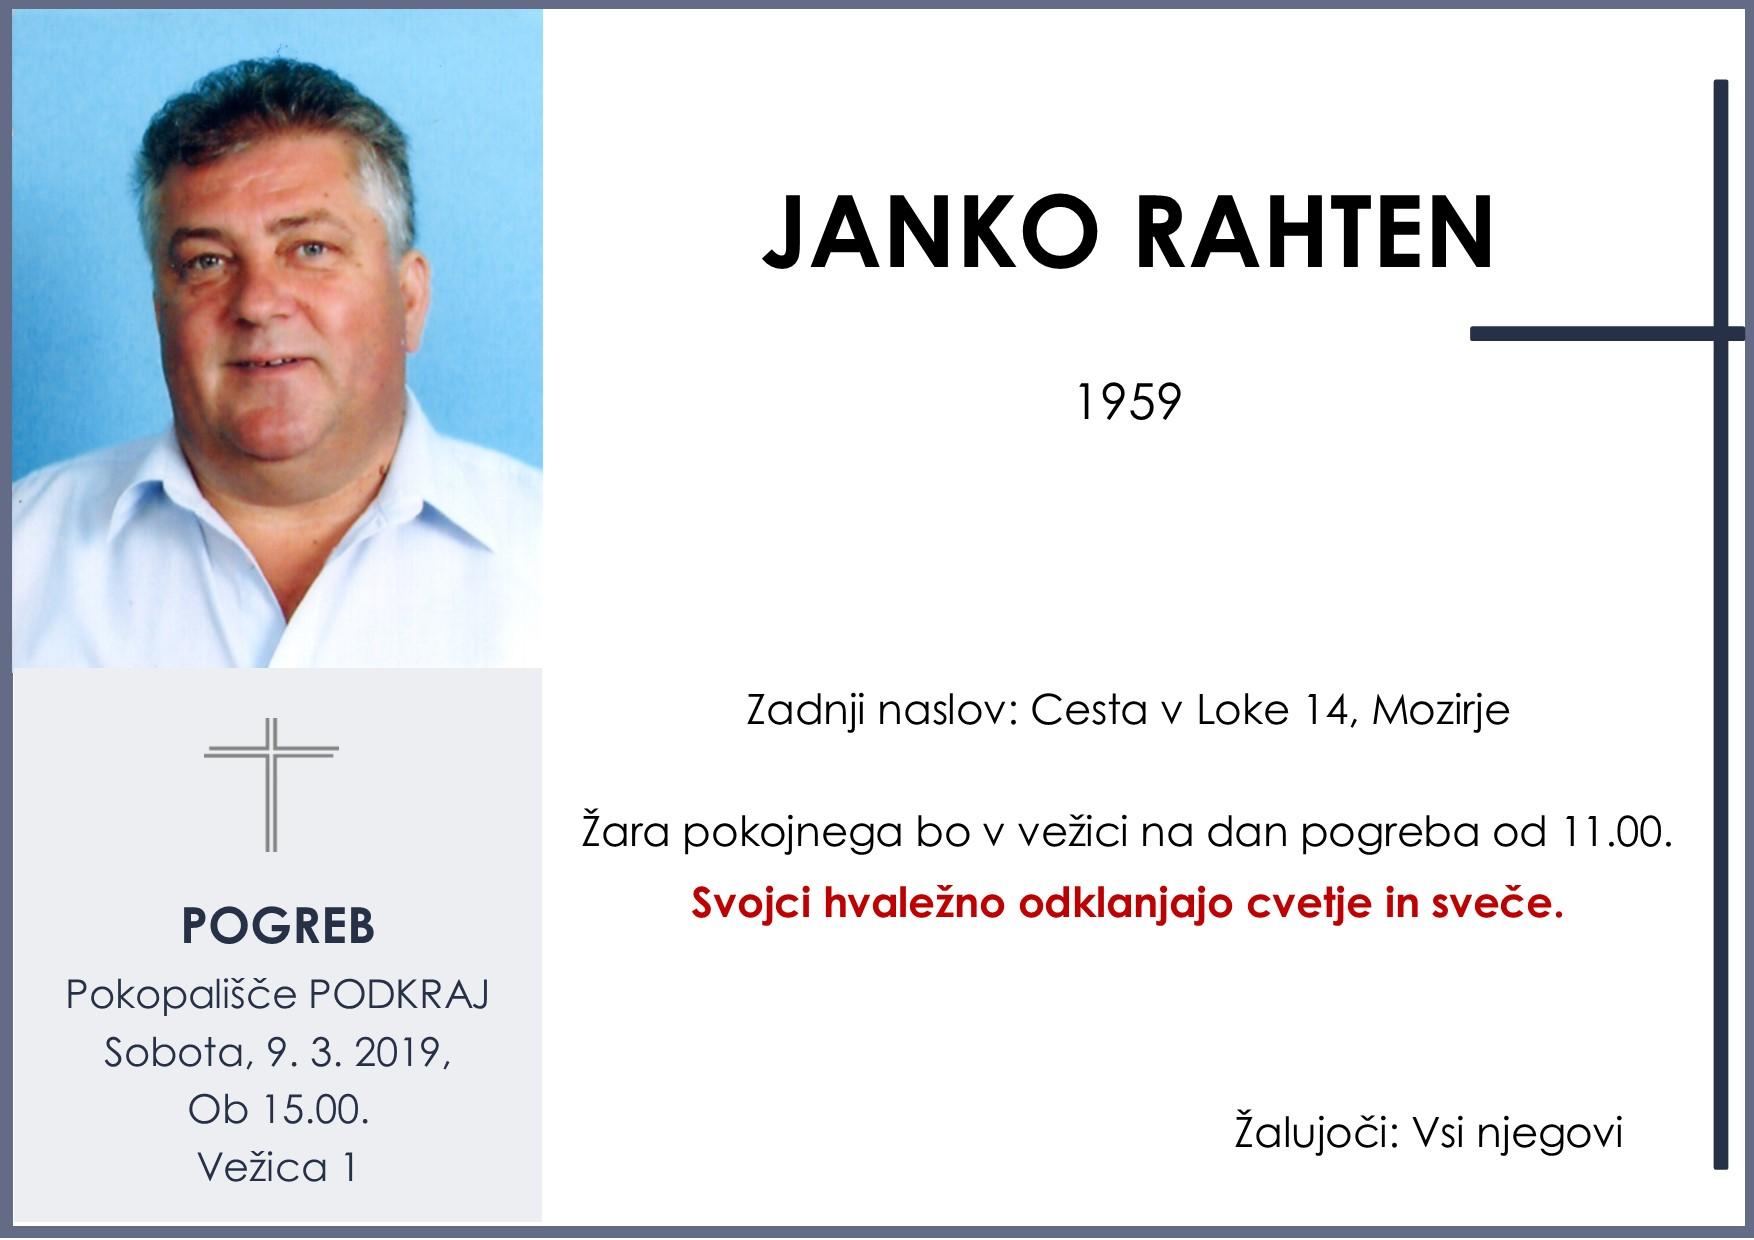 JANKO RAHTEN, Podkraj, 09. 03. 2019